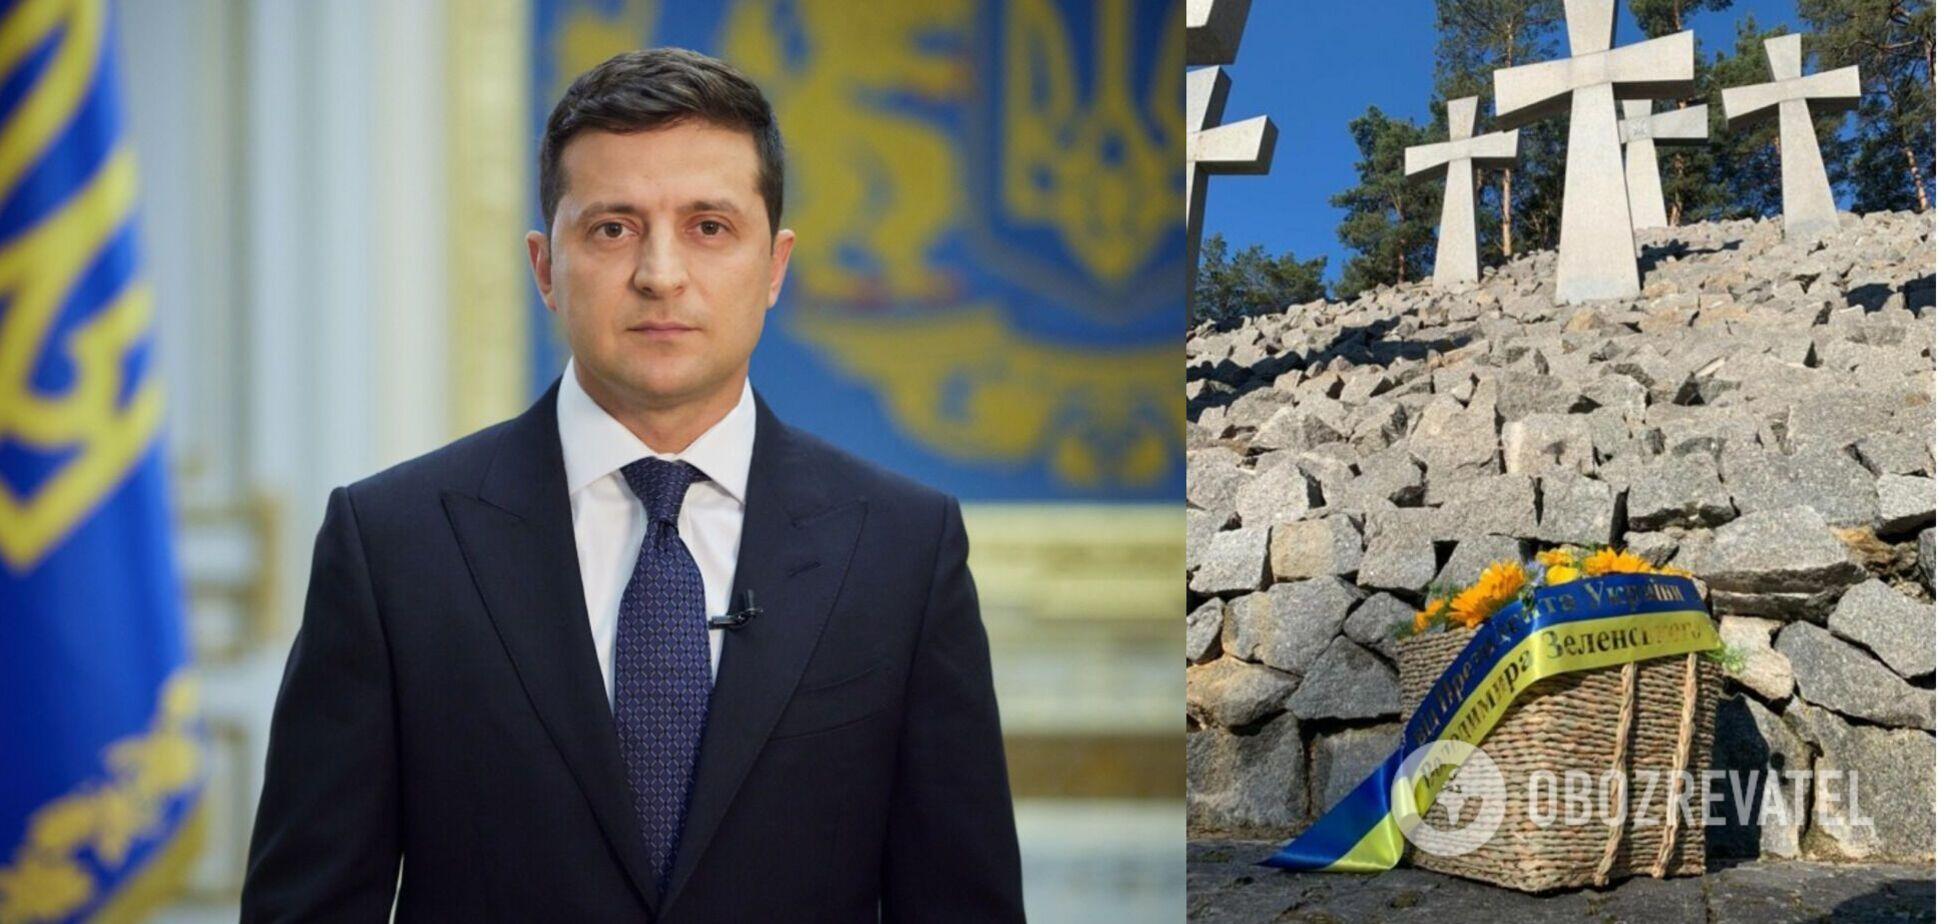 Зеленський вшанував пам'ять жертв політичних репресій: схиляємо голови перед тими, хто пережив пекло